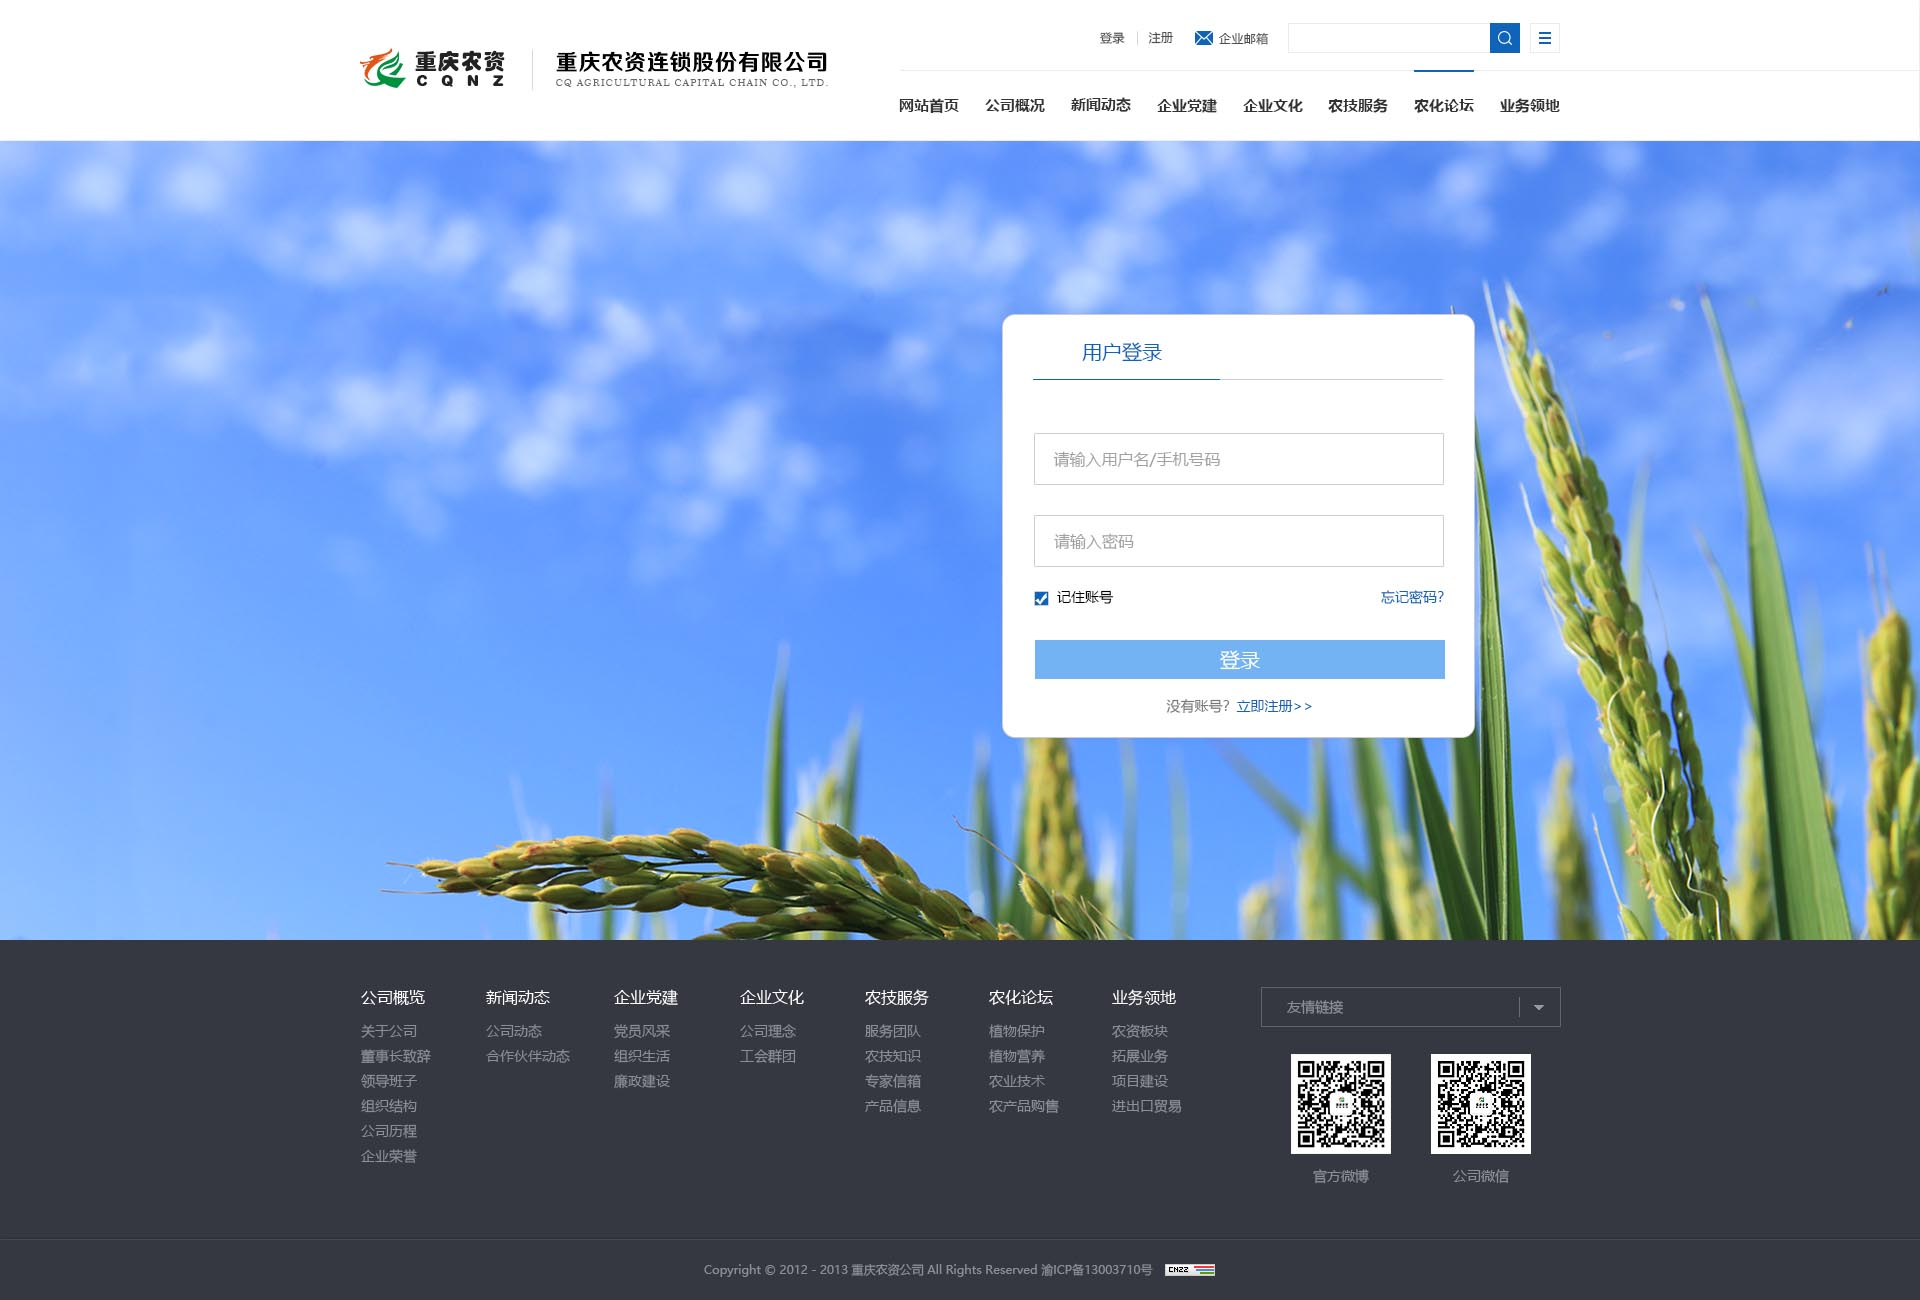 重庆农资集团连锁公司